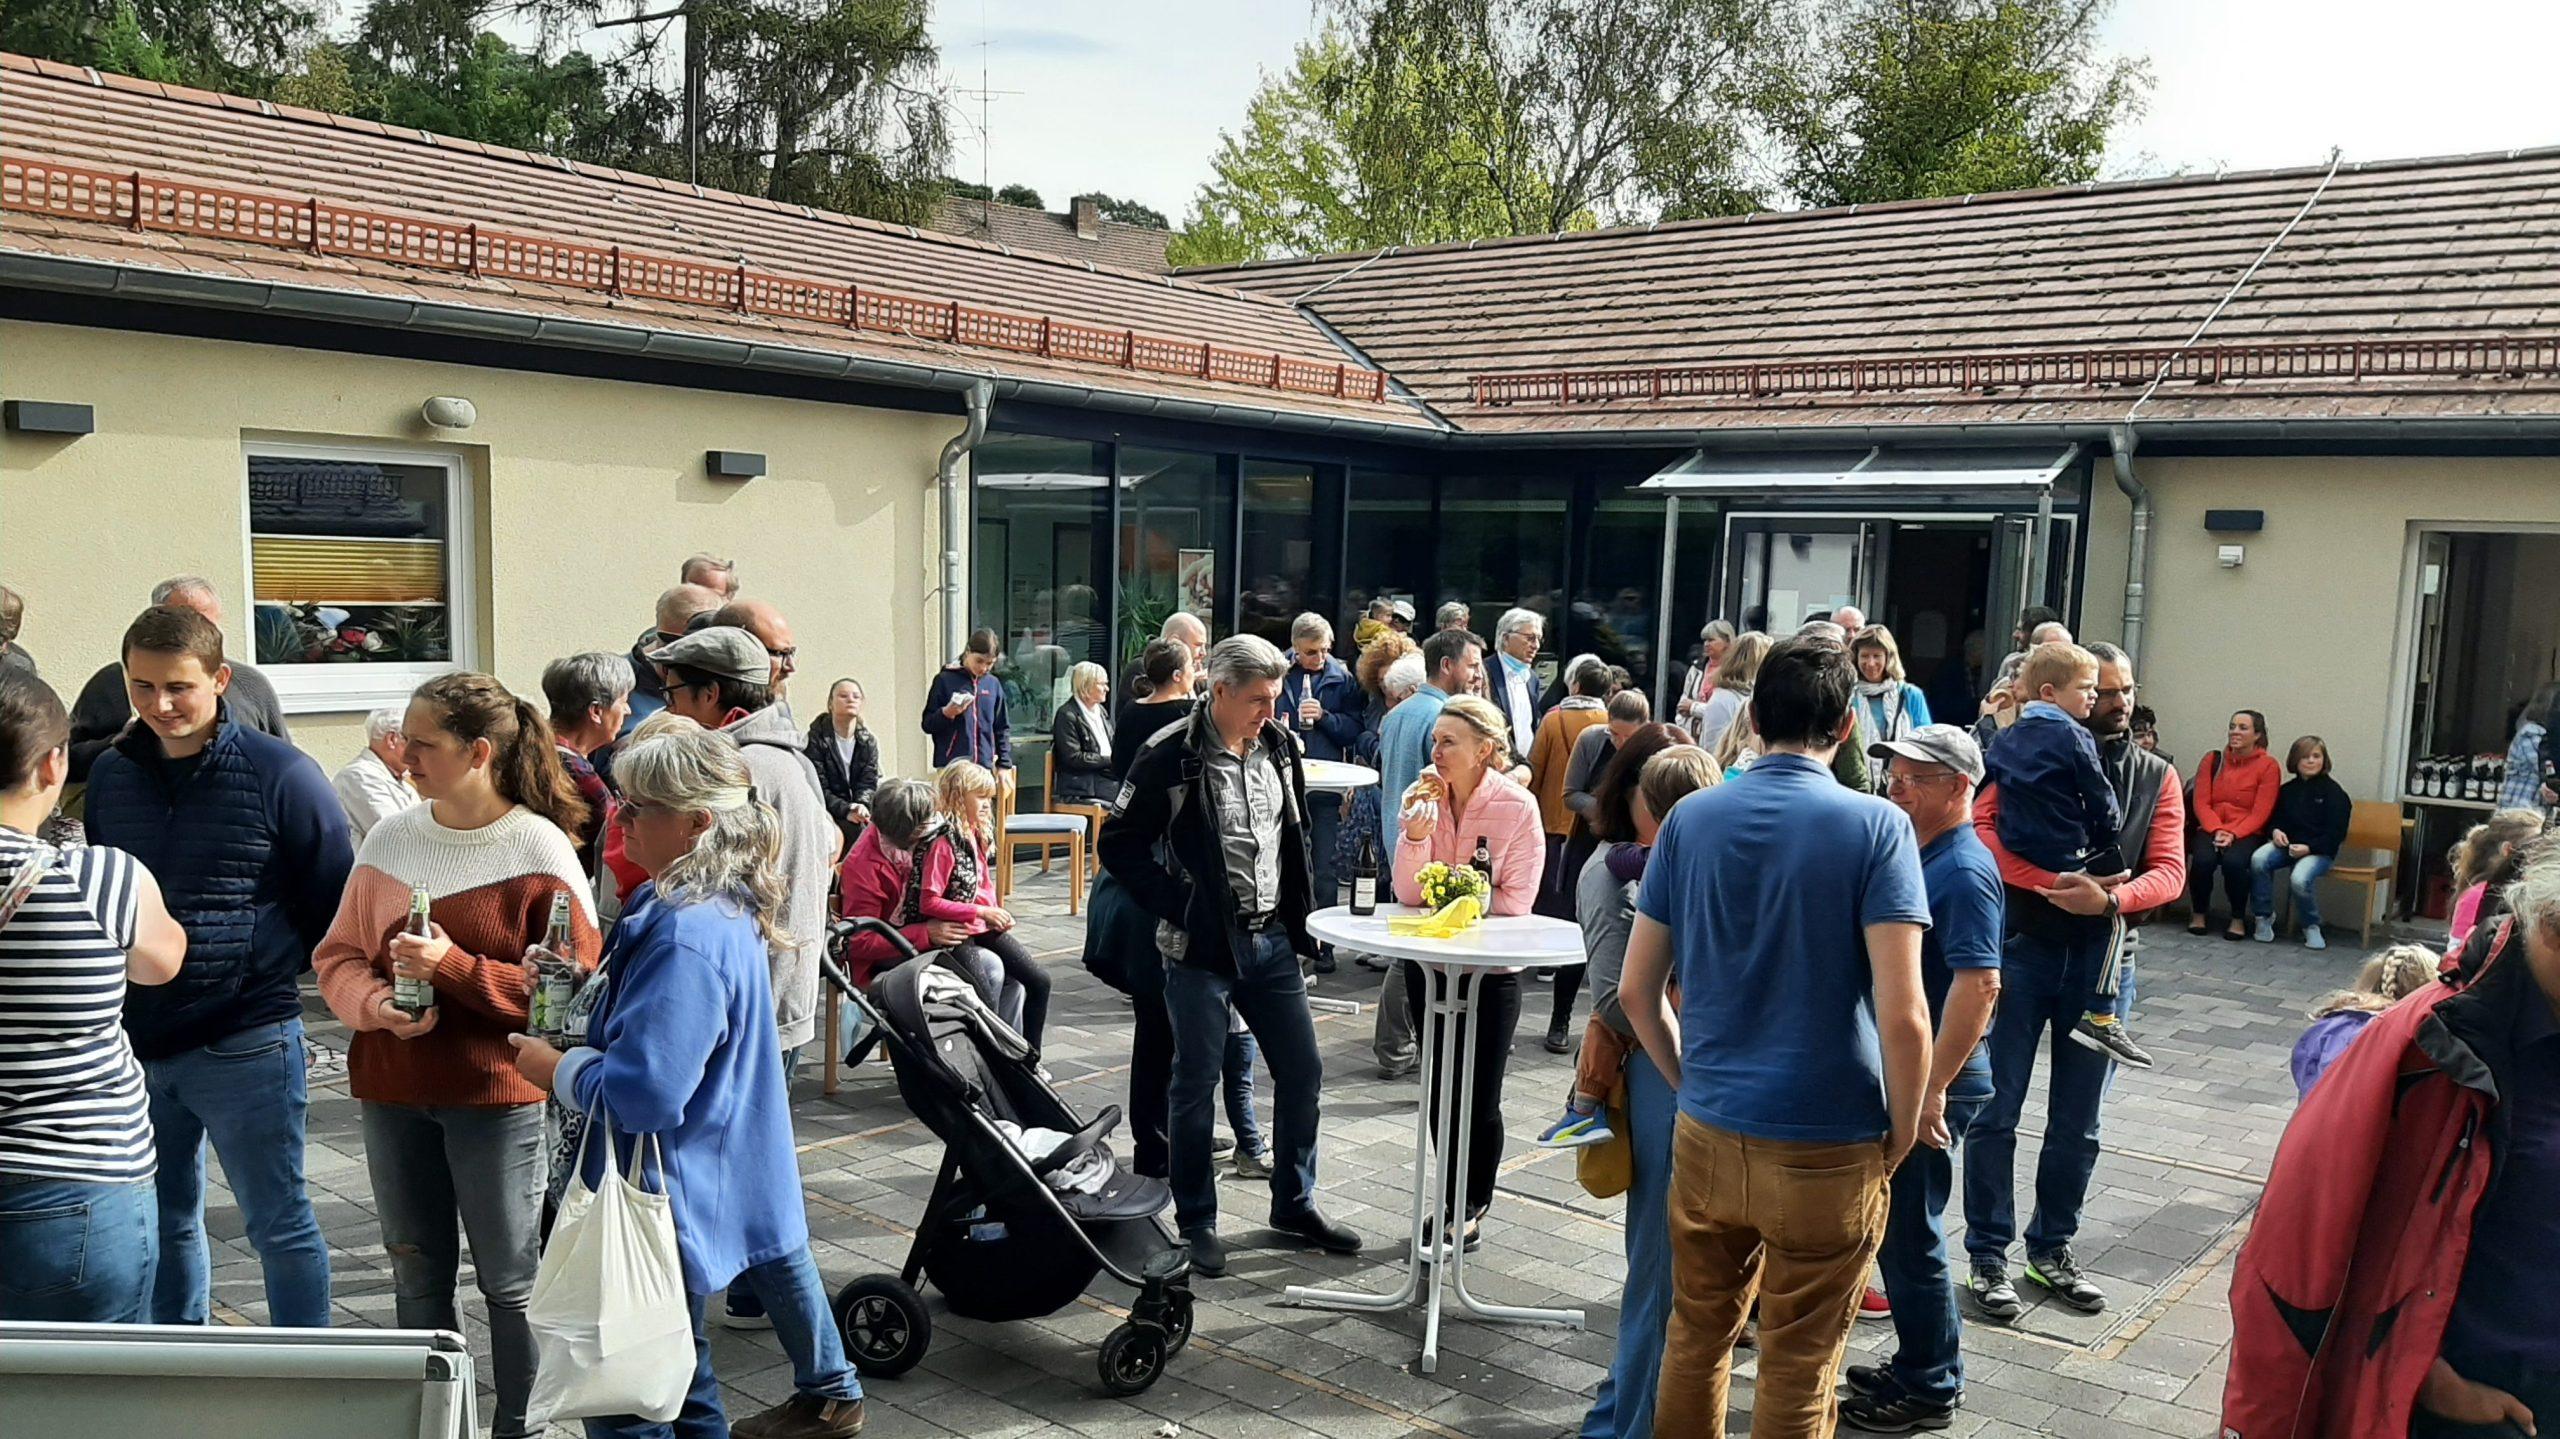 Menschen versammeln sich vor dem Gemeindehaus der Stephanuskirche Nürnberg Gebersdorf nach dem Erntedankgottesdienst um das Gemeindefest zu feiern.